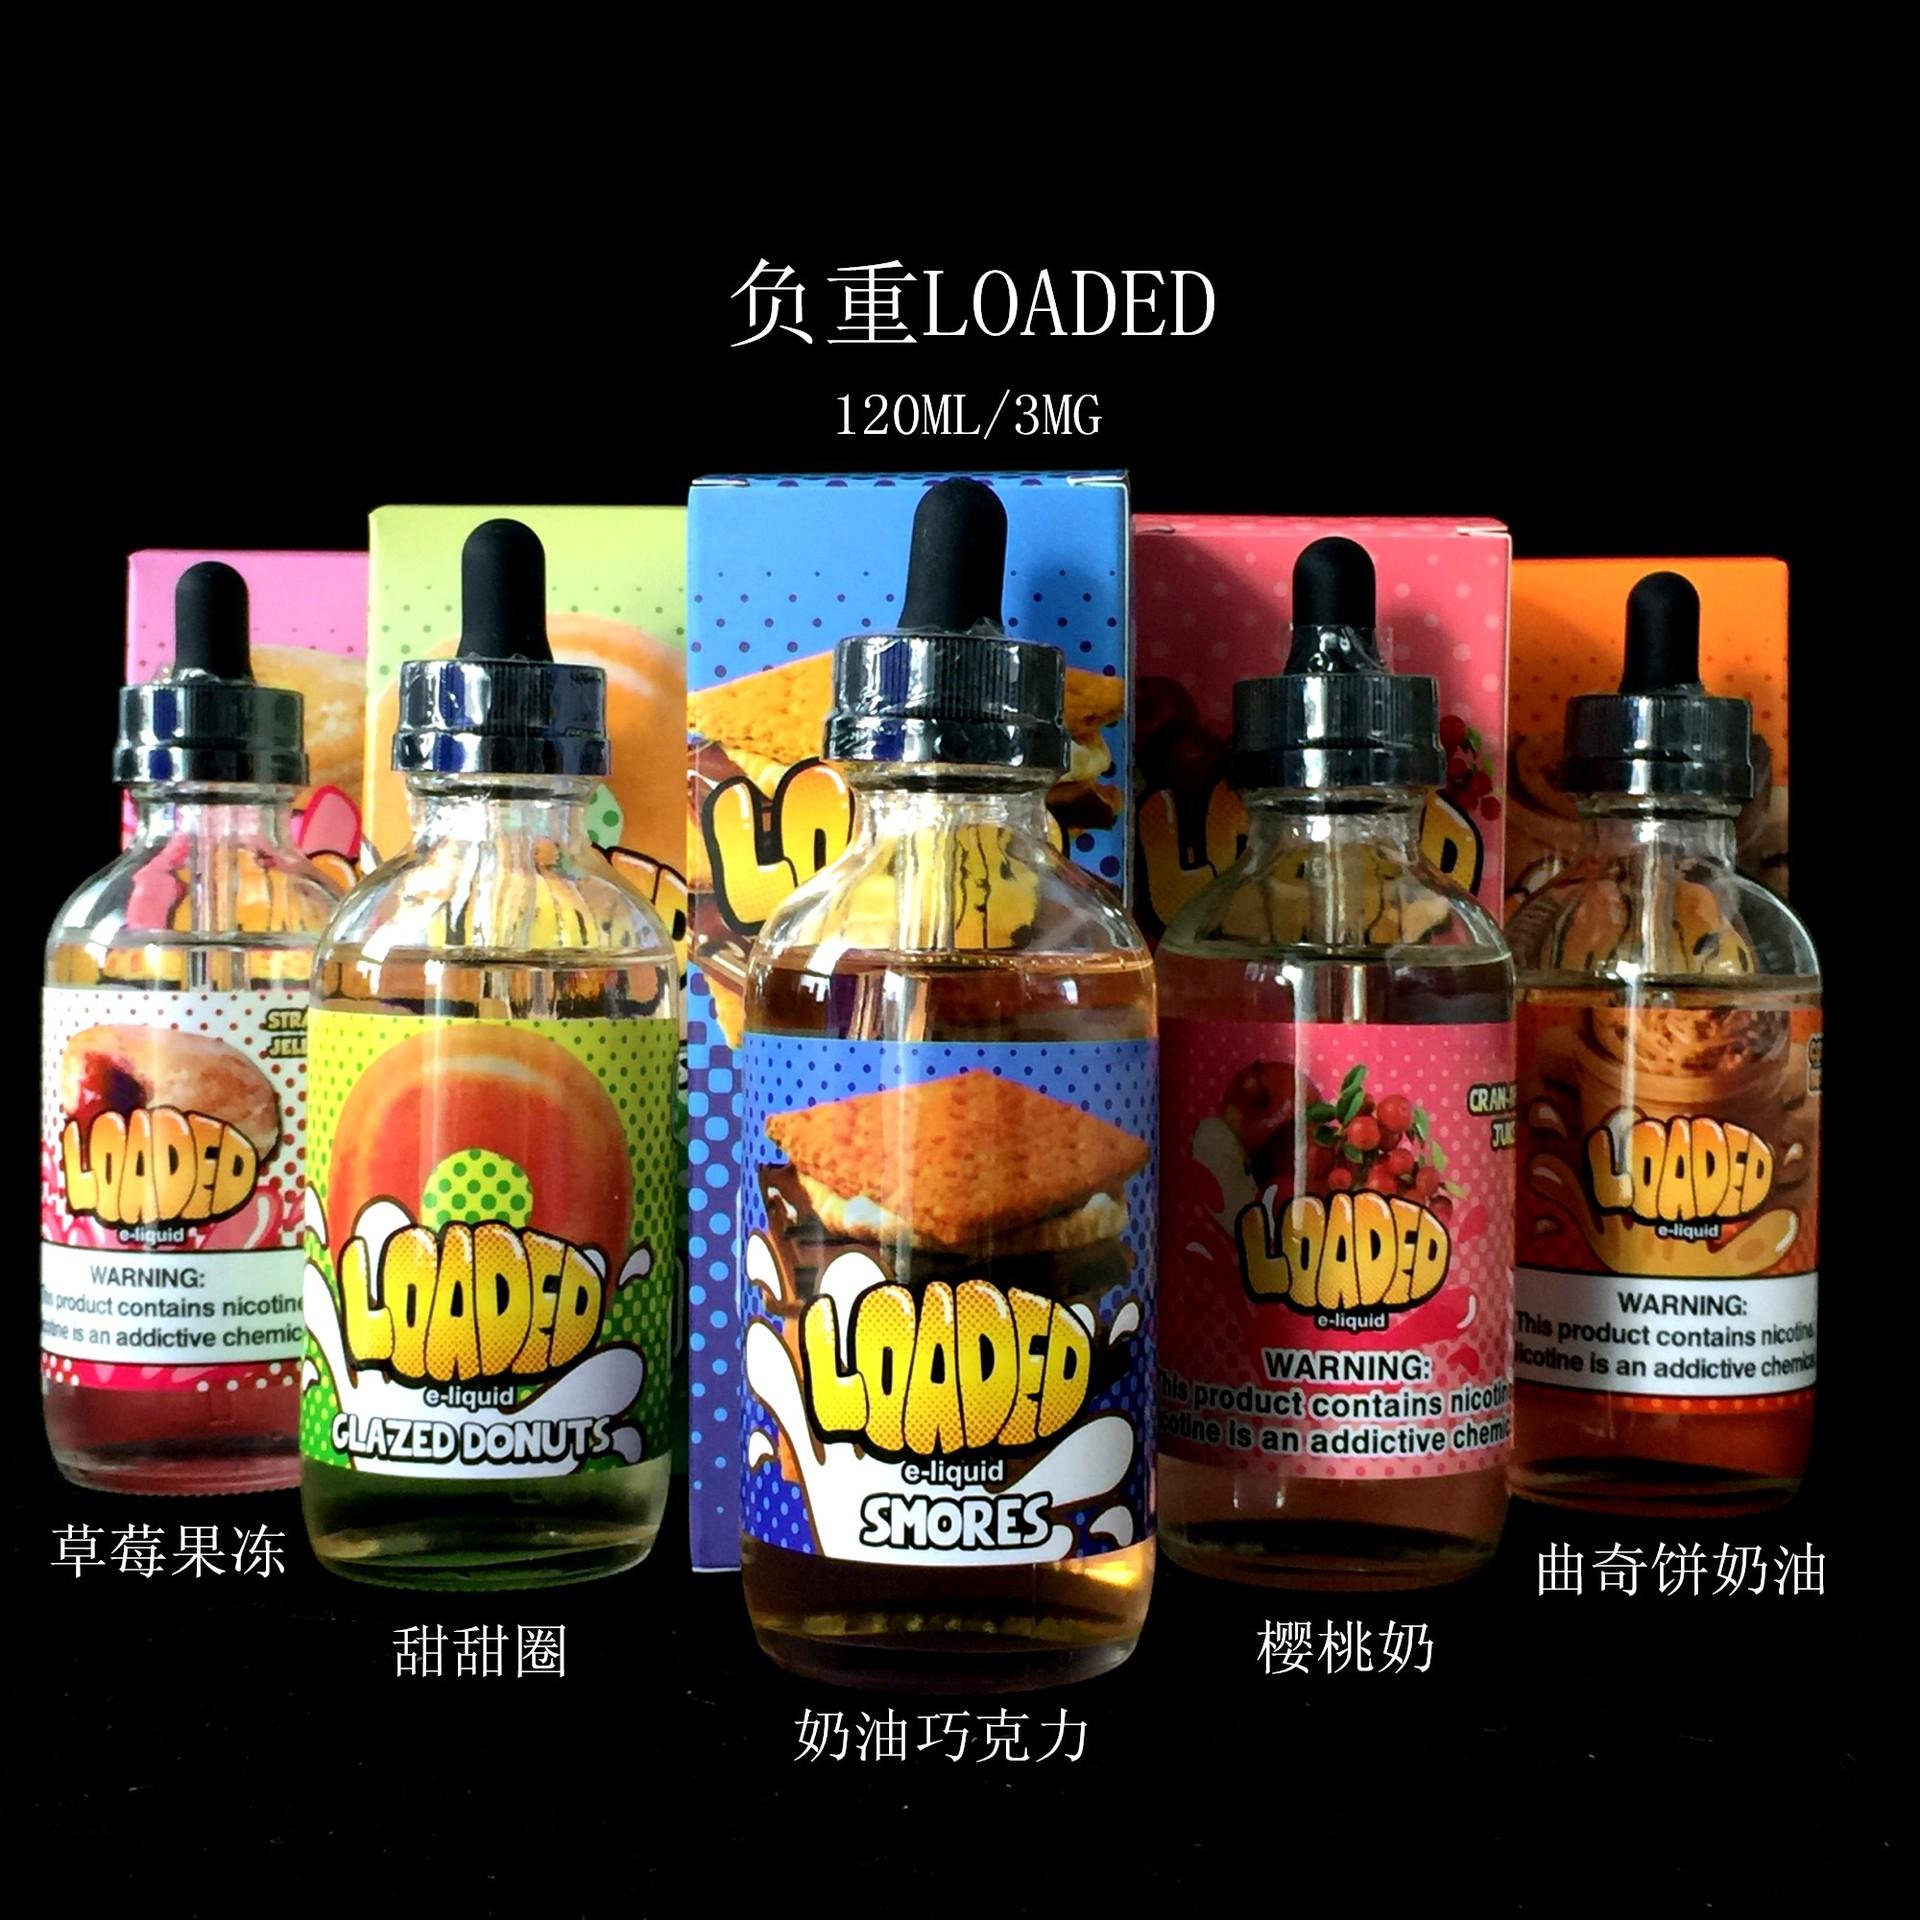 新款大烟雾 电子烟 负重烟油 120ML 玻璃瓶装 水果巧克力E-LIQUID